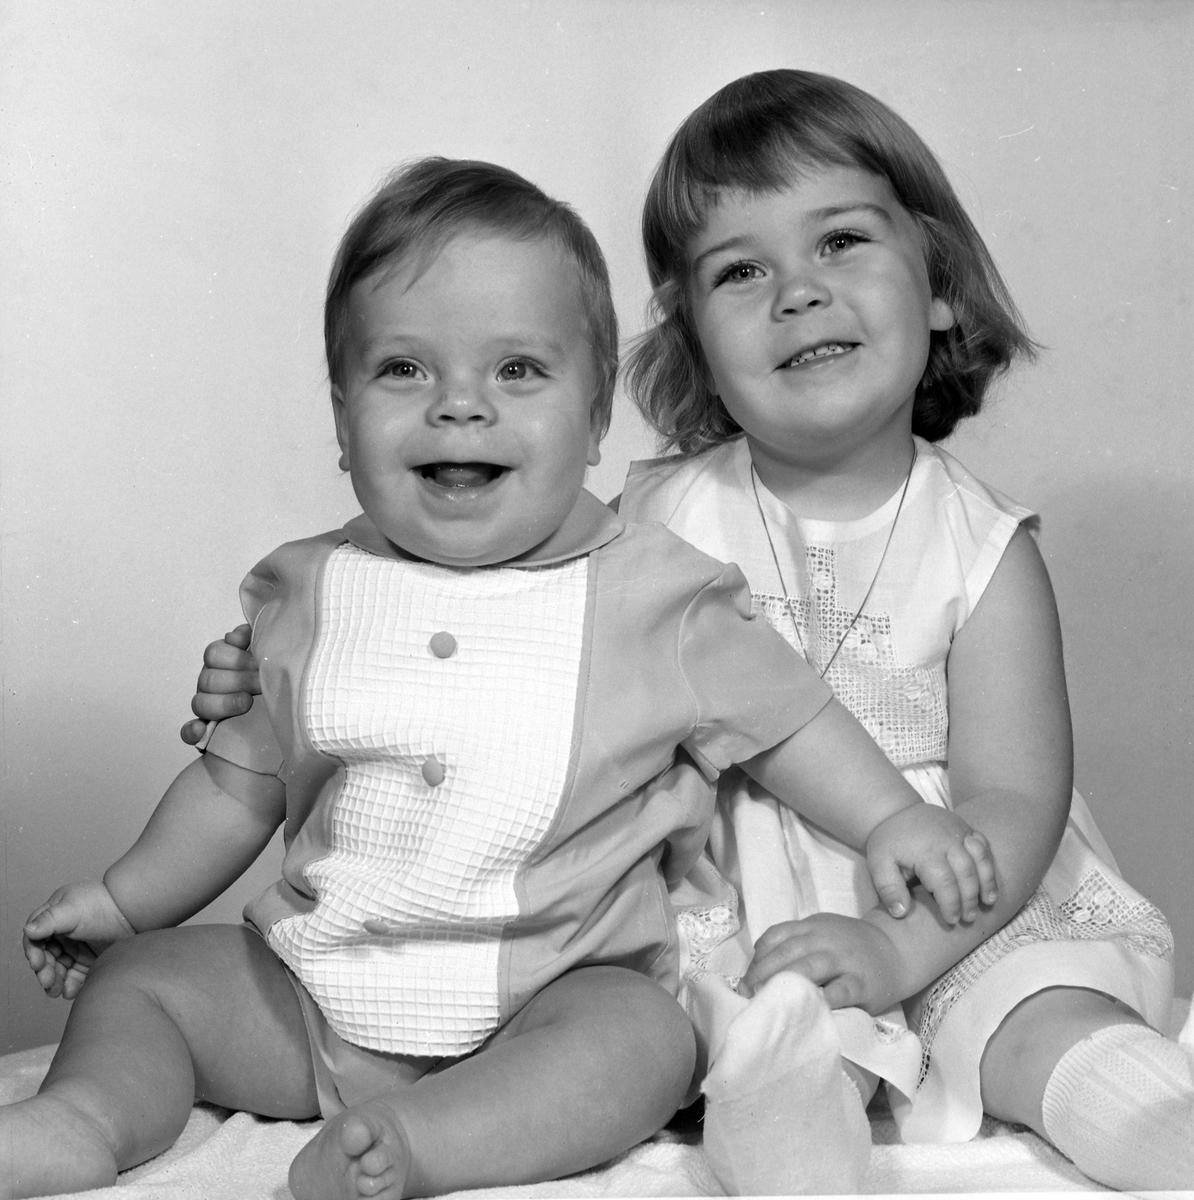 Fotografi av barn.